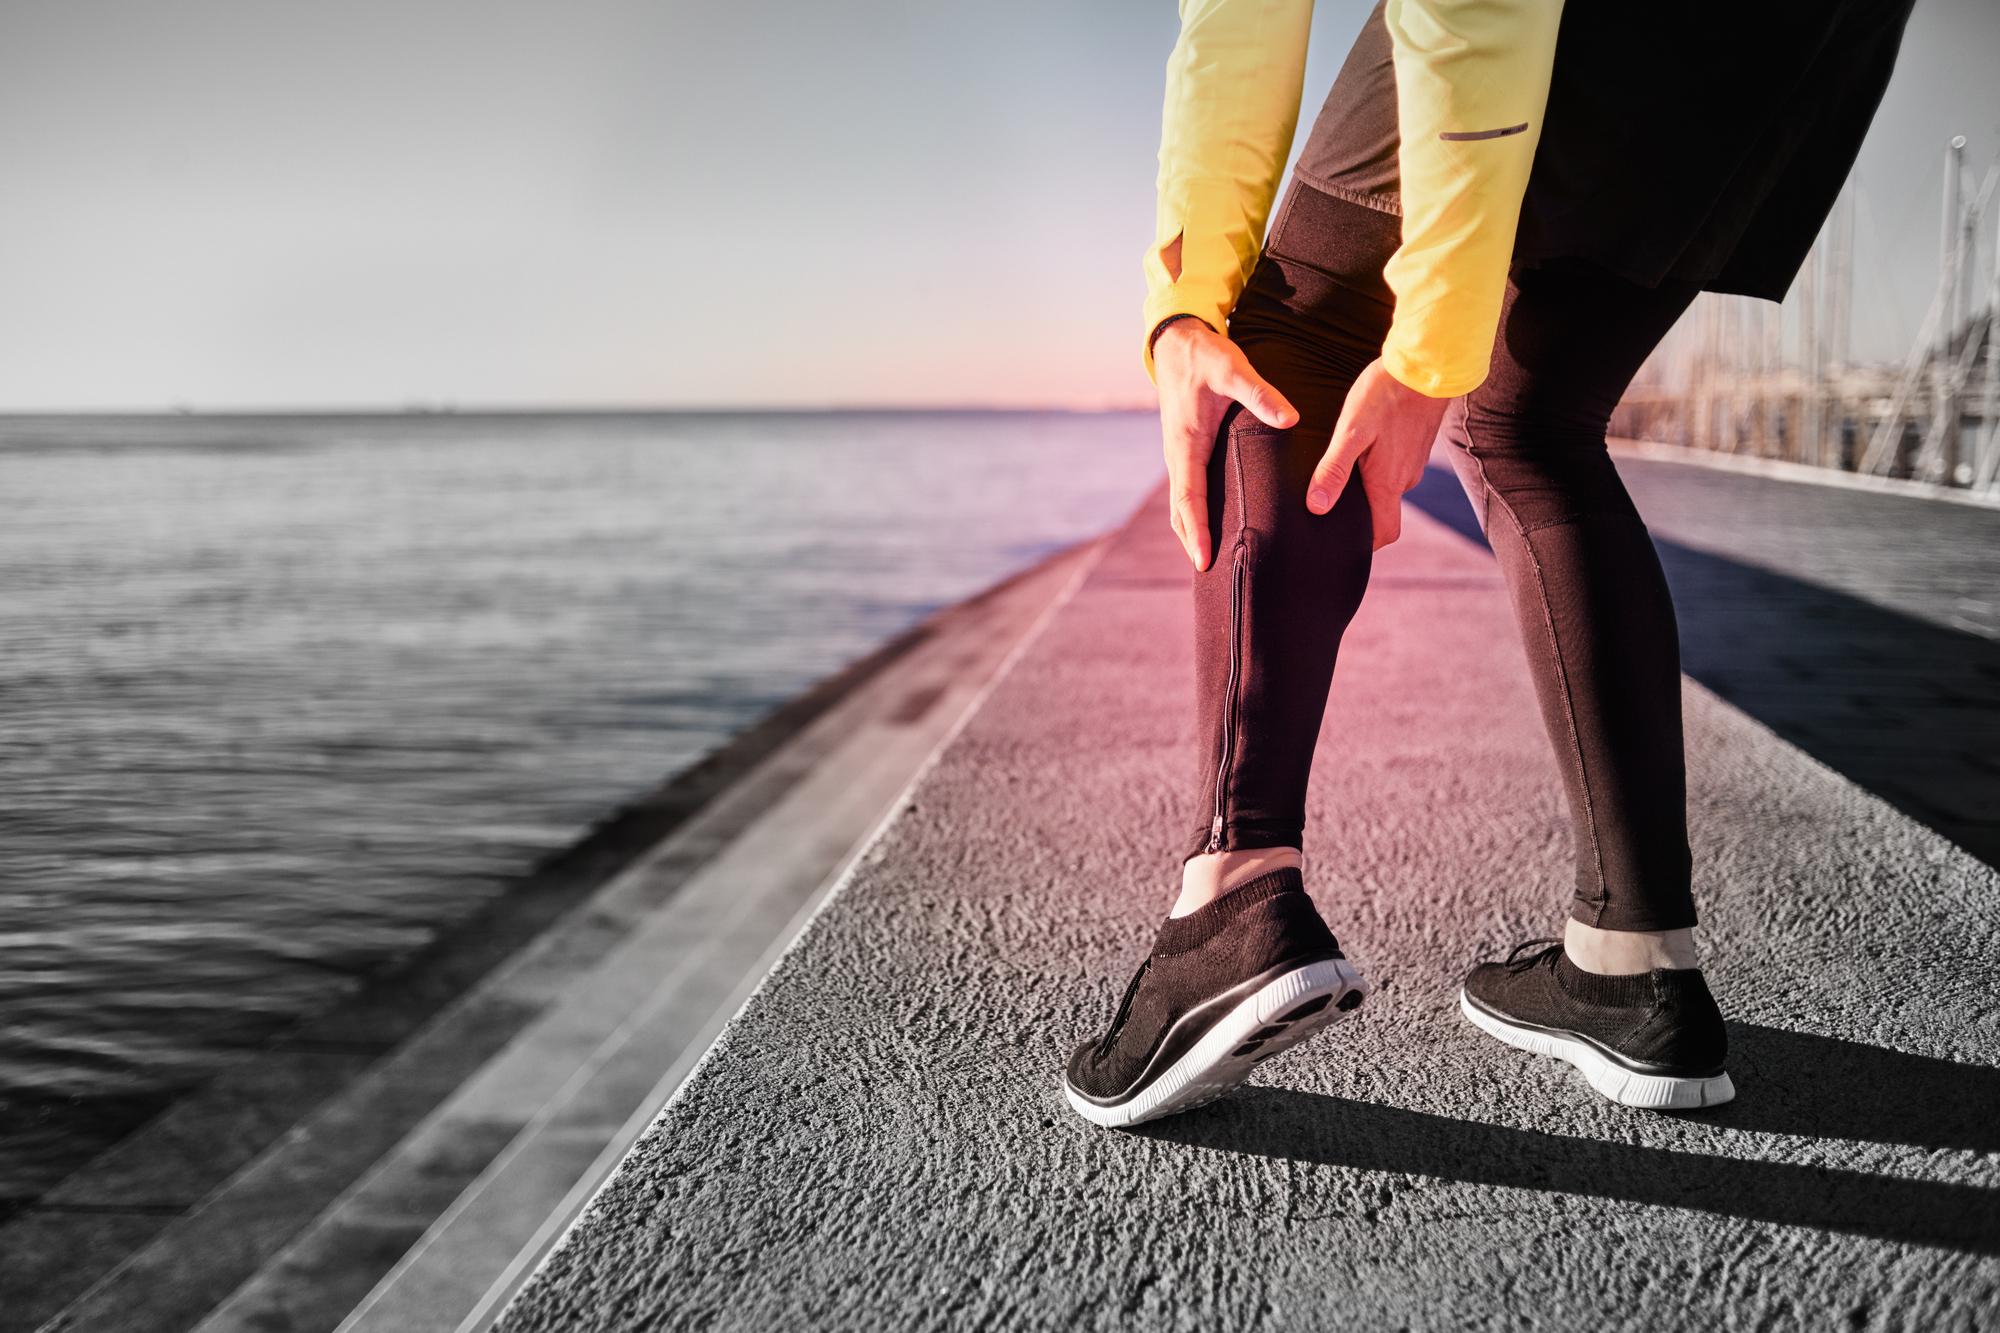 Genoptræning er vitalt for at komme sig efter en skade